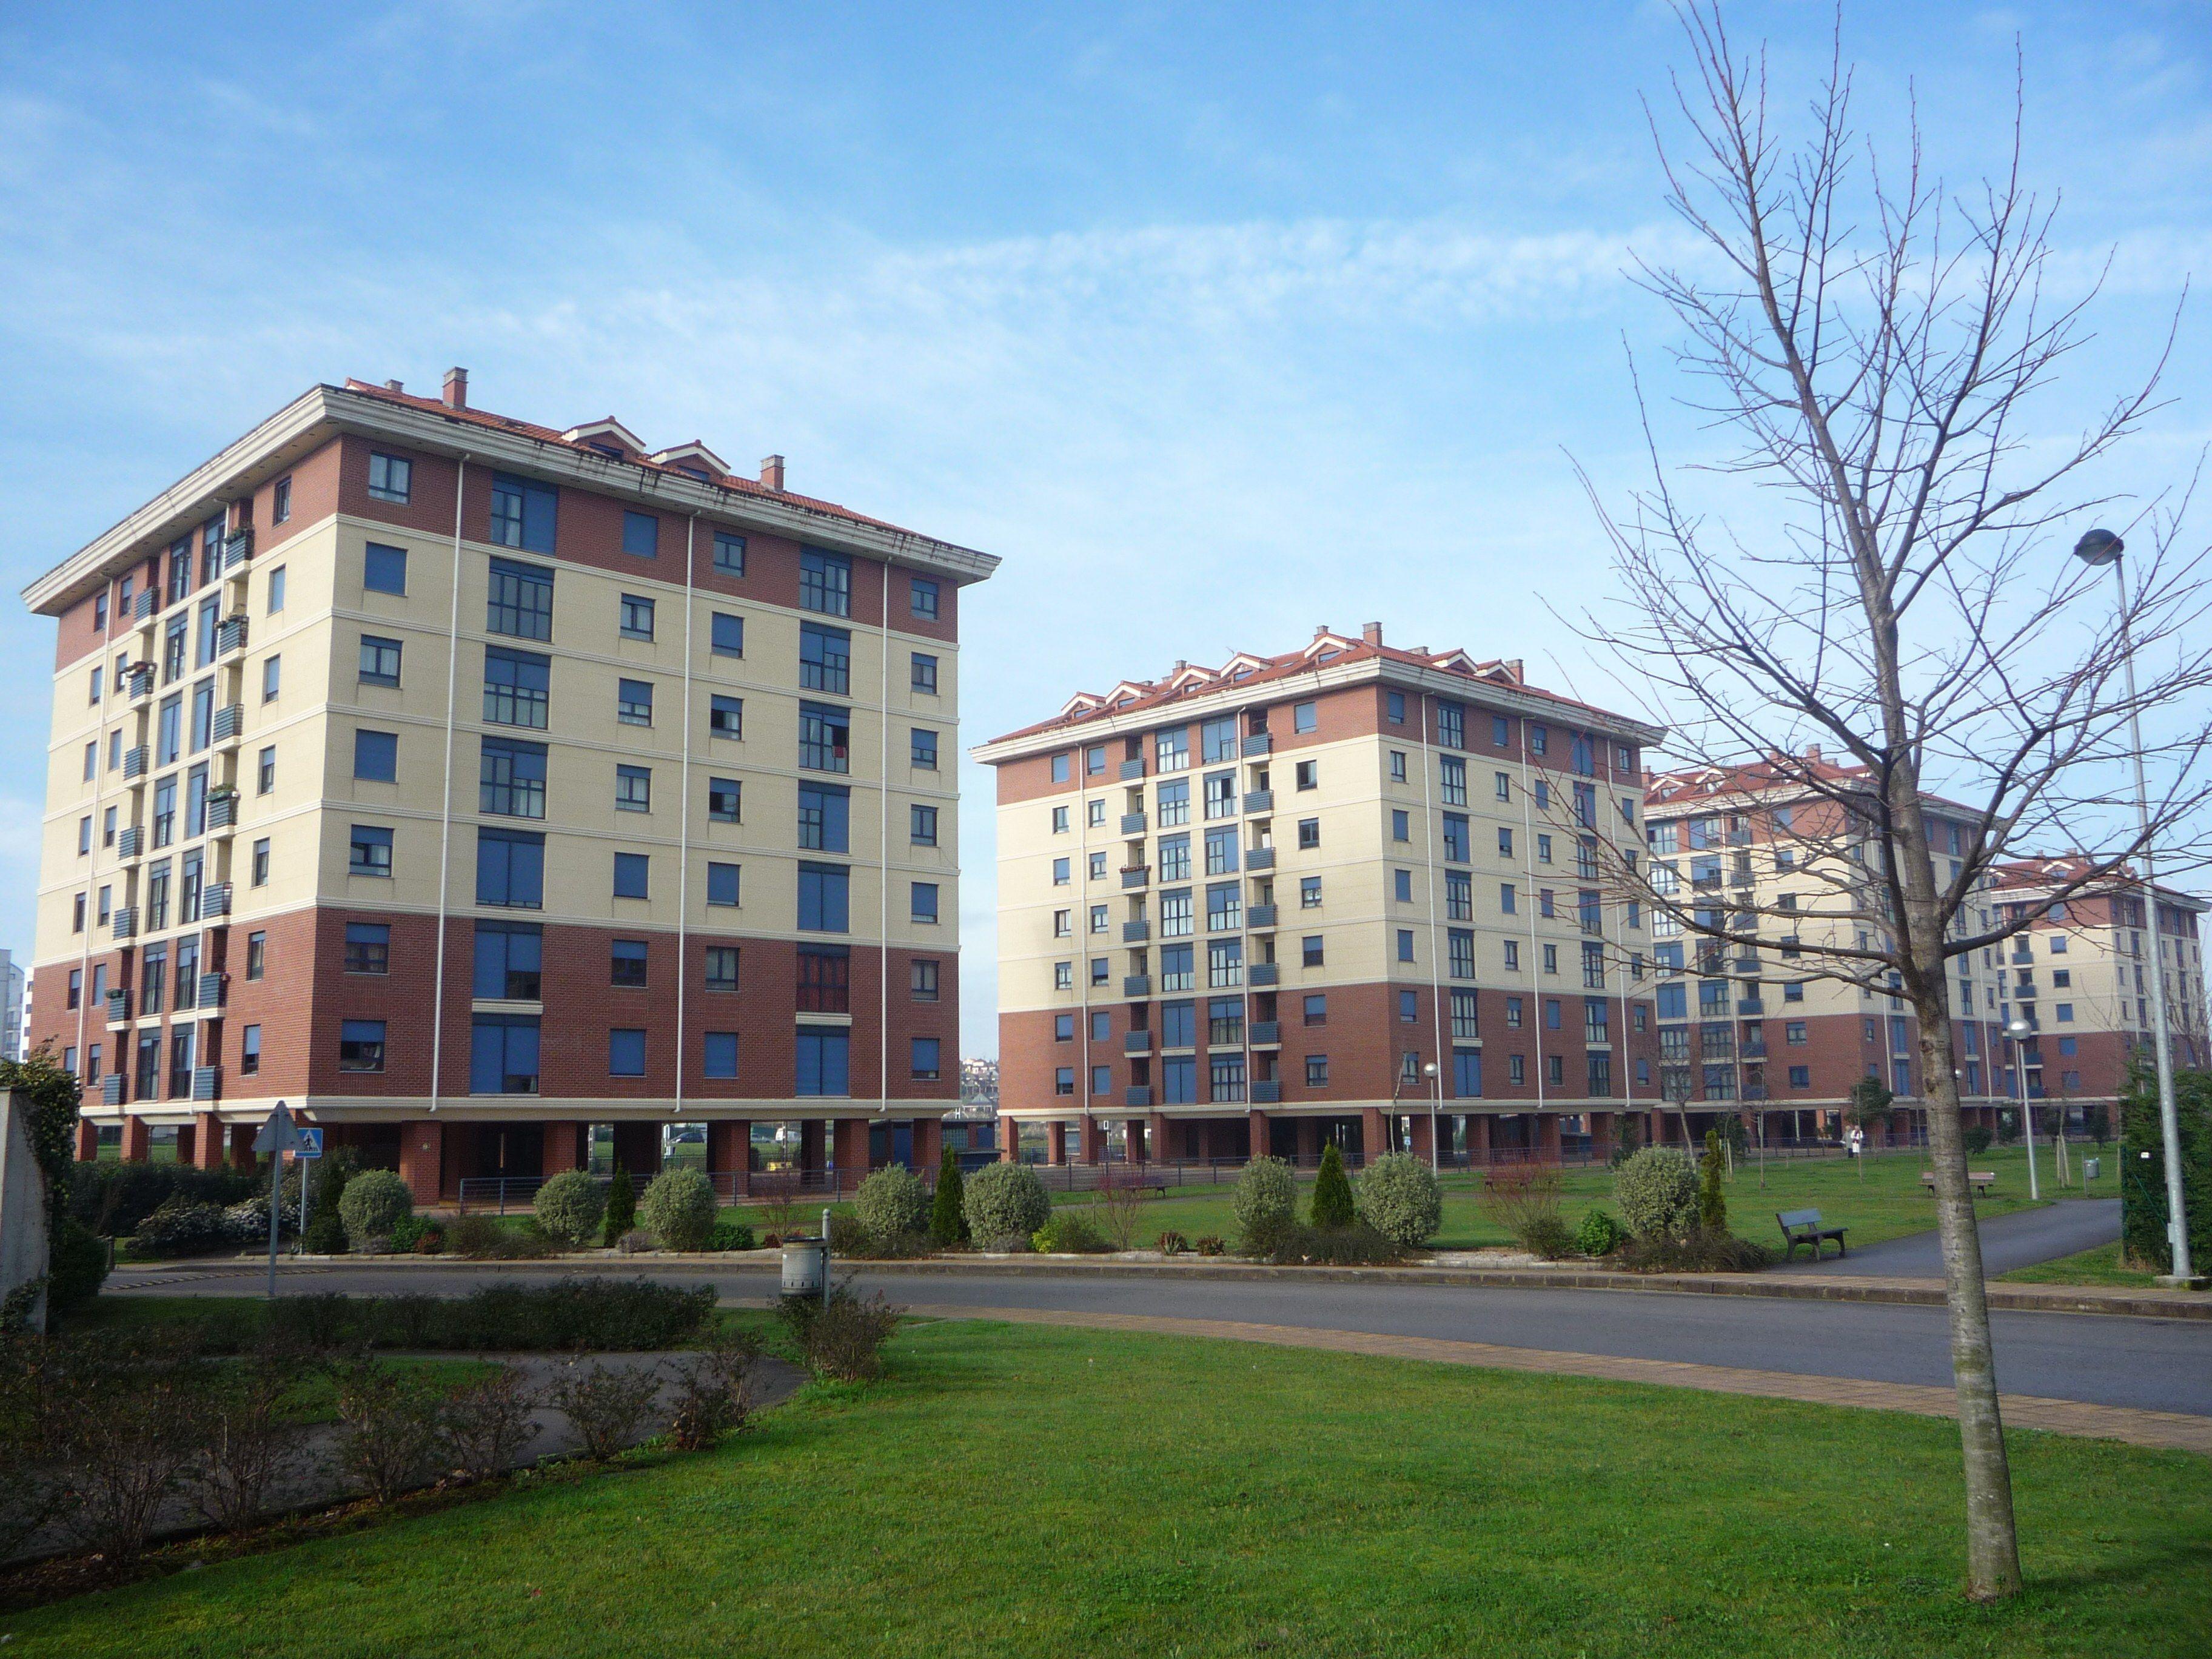 232 viviendas en Maliaño, Cantabria